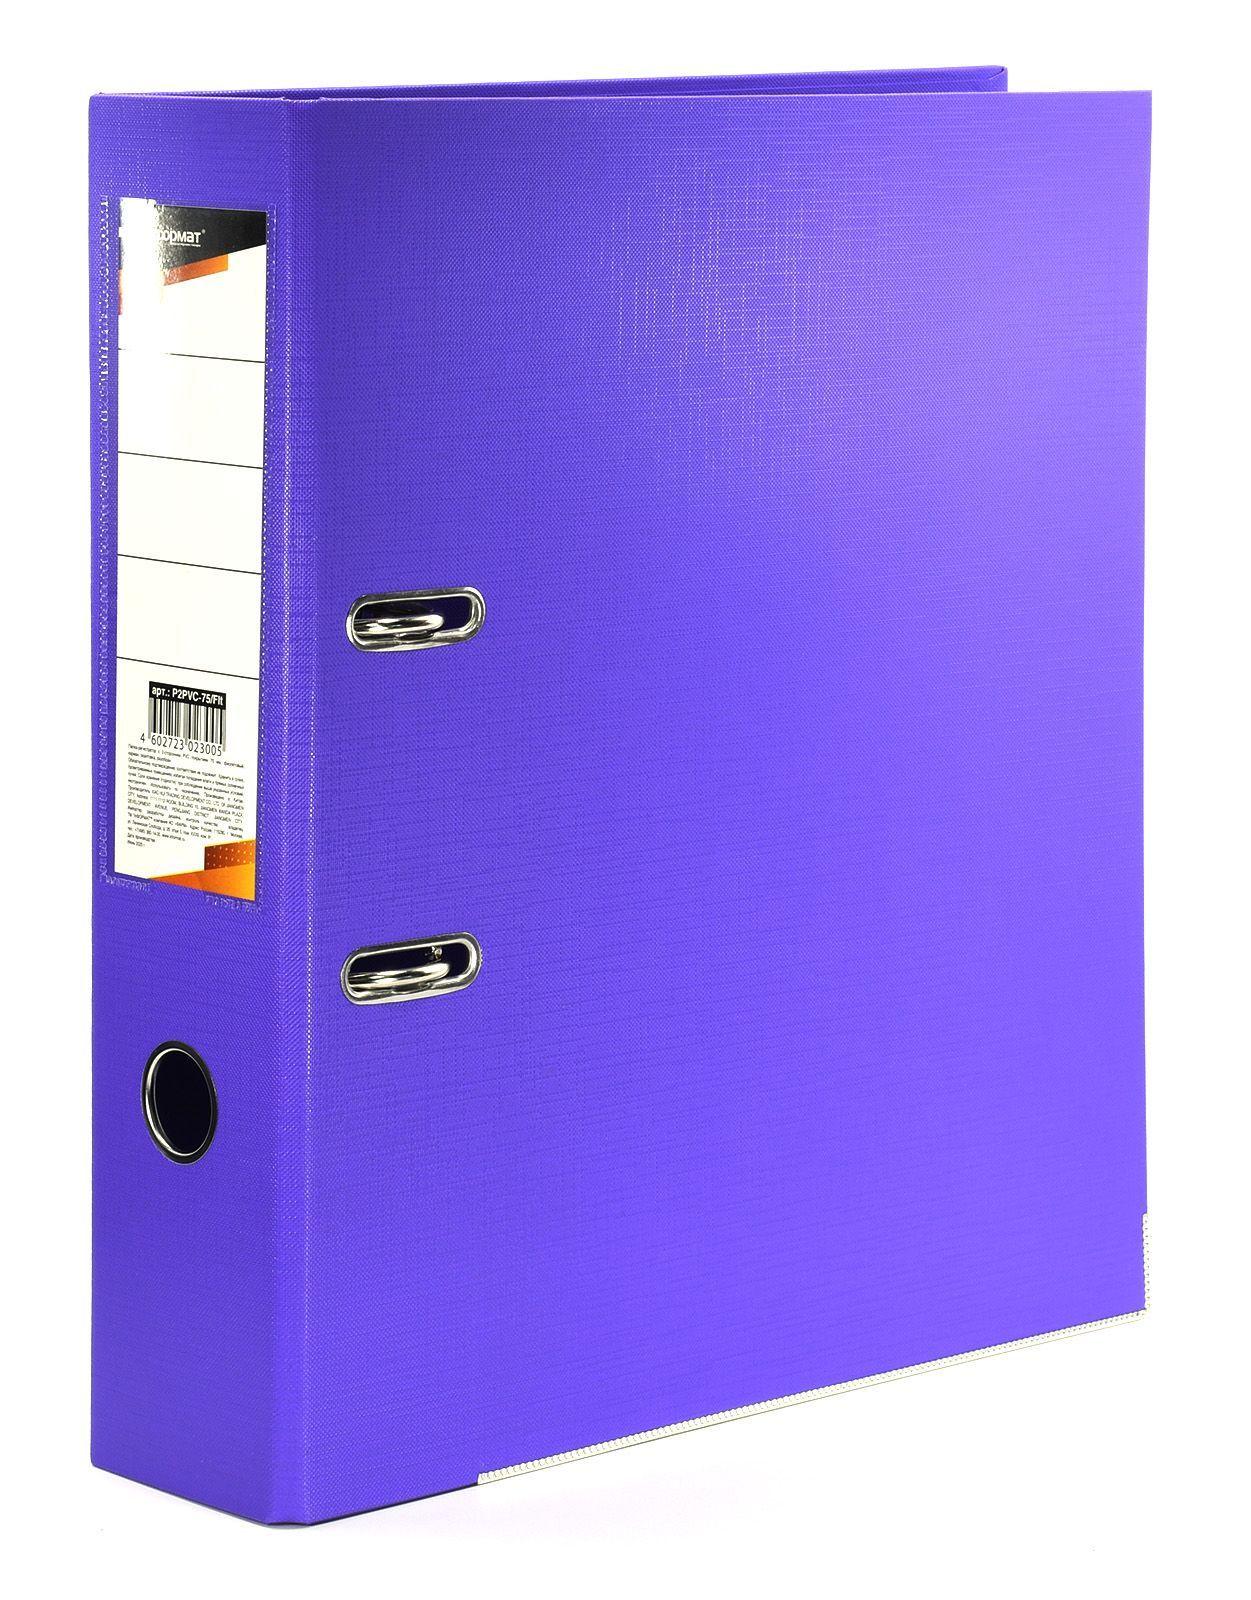 Папка-регистратор INFORMAT 75 мм двухстороннее покрытие PVC, фиолетовая